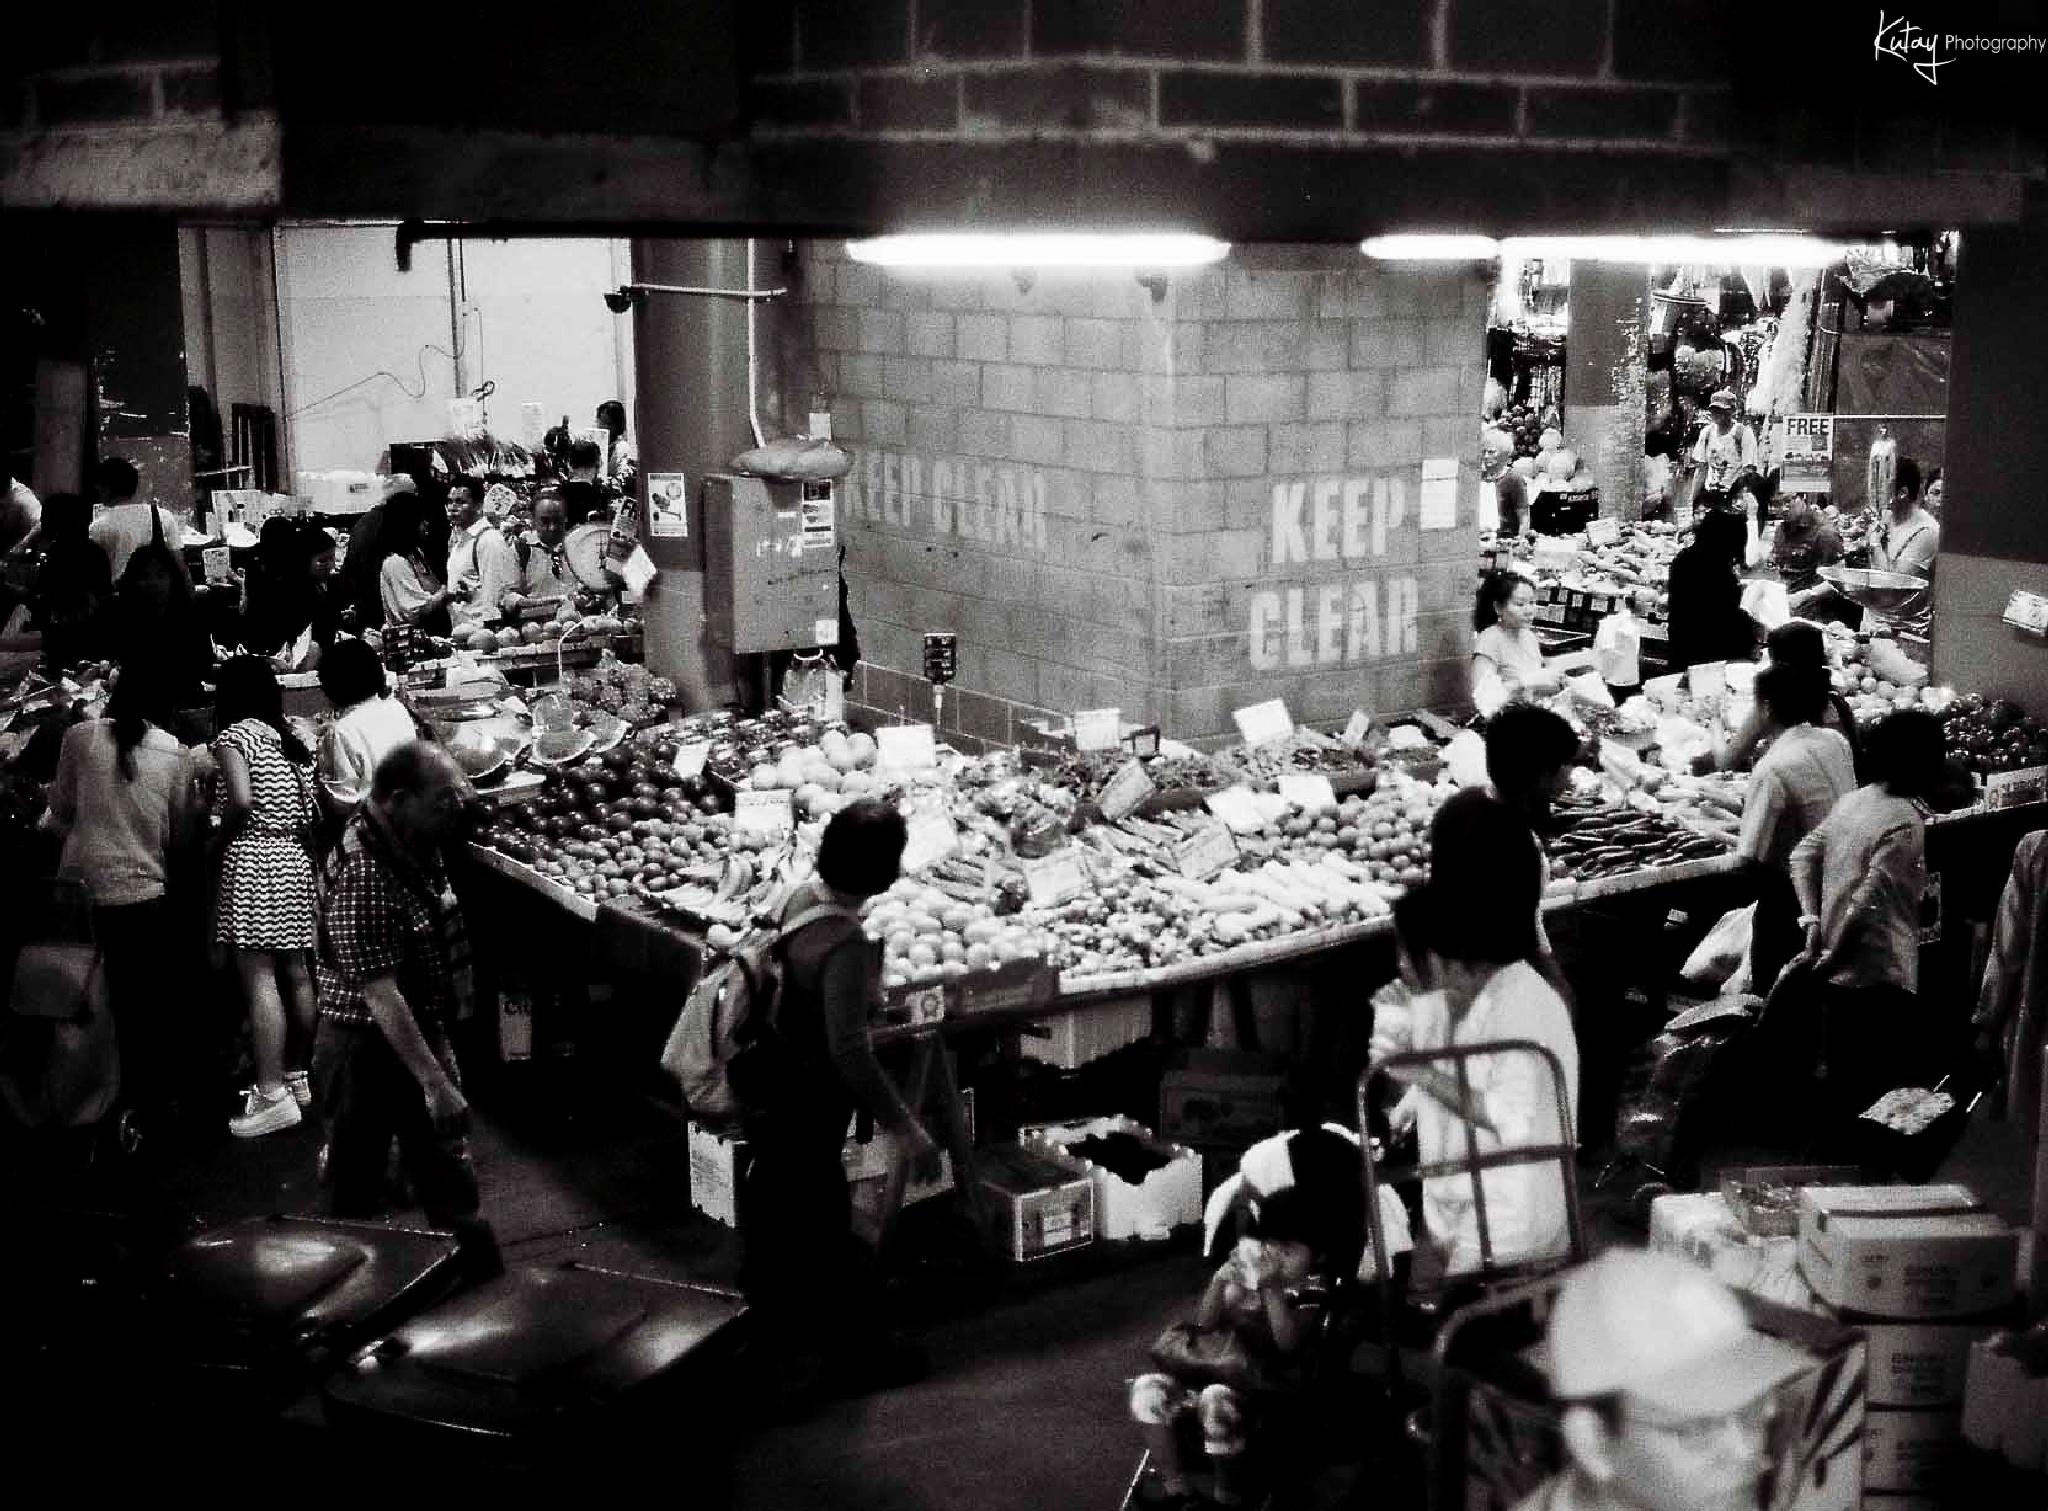 Chinatown fruit market  by Kutay Photography